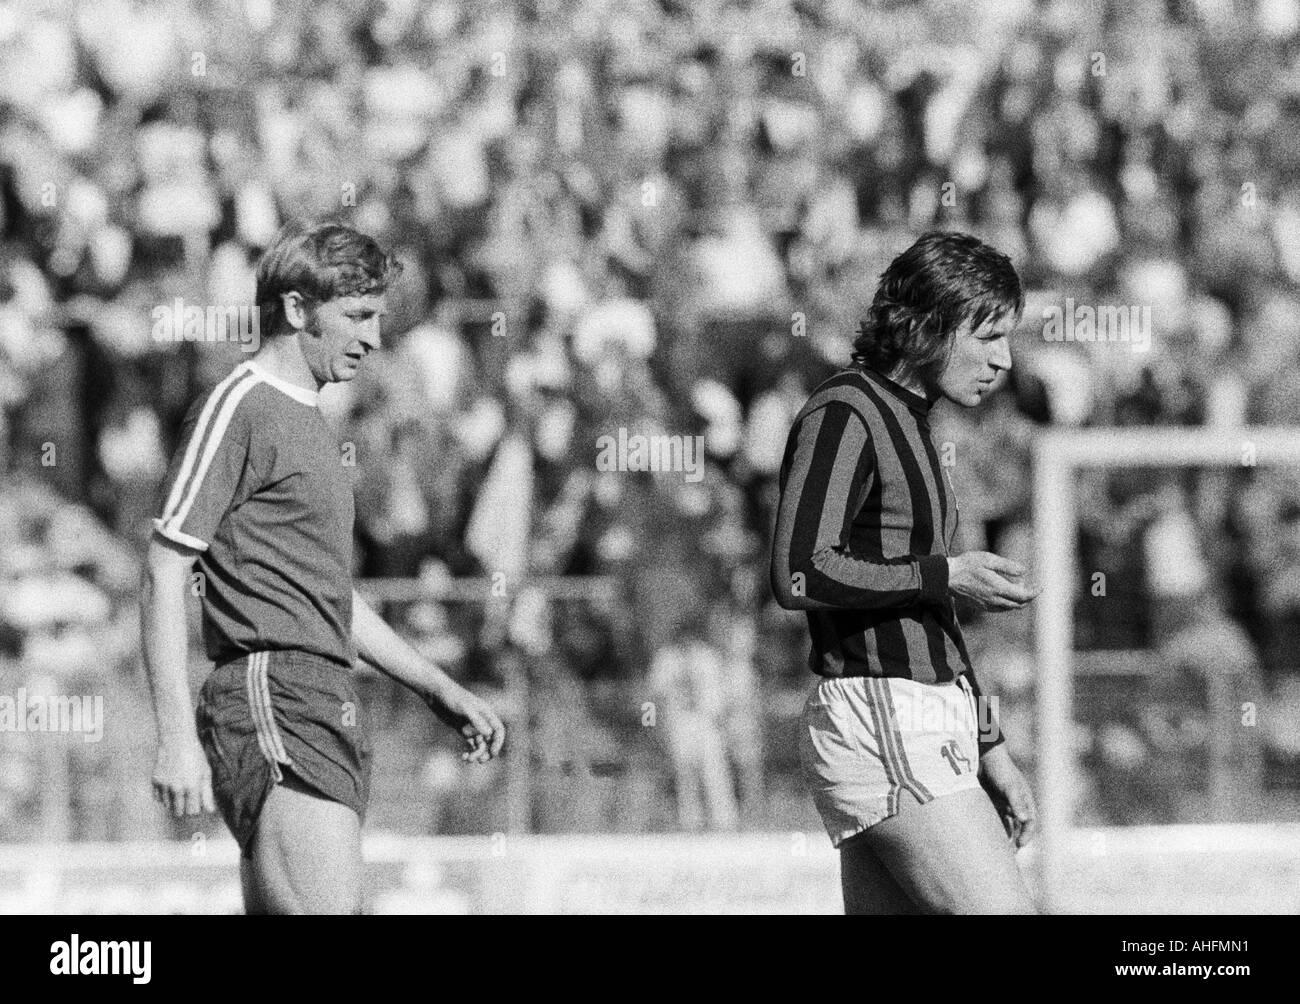 football, Bundesliga, 1971/1972, VfL Bochum versus Hanover 96 2:2, Stadium at the Castroper Strasse in Bochum, scene of the match, left Manfred Ruesing (Bochum), right Ferdinand Keller (96) - Stock Image